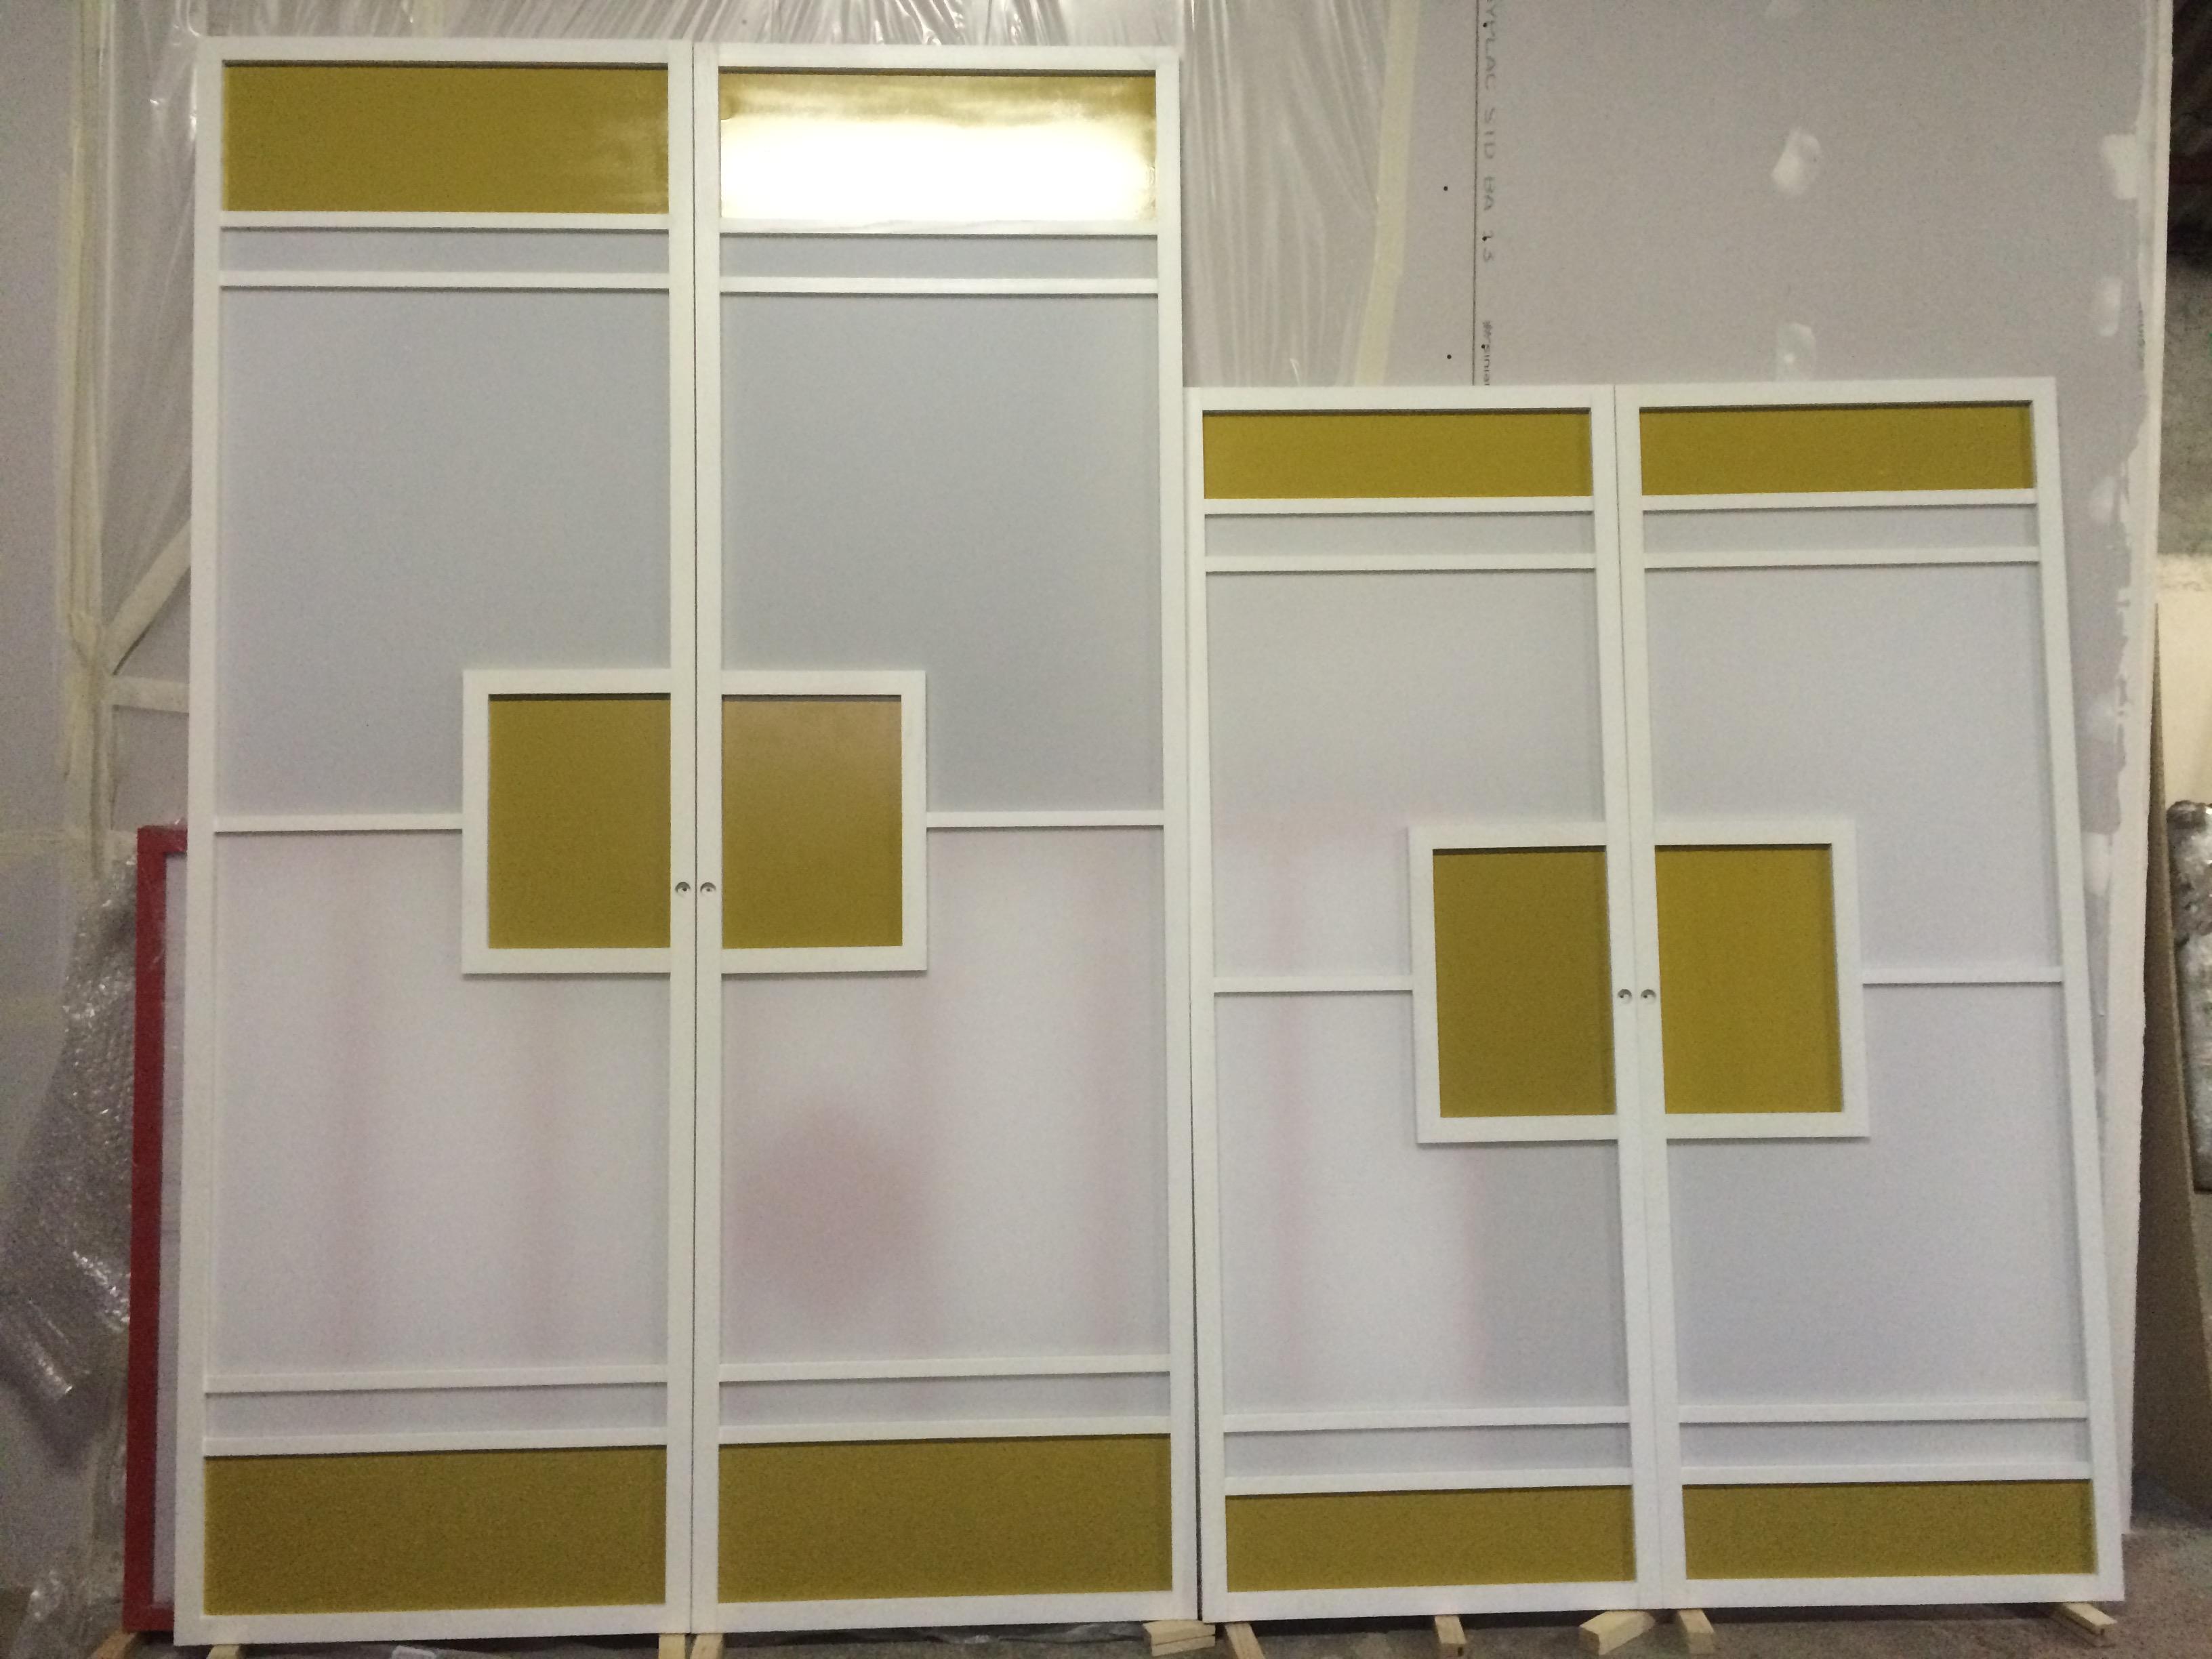 Cloison coulissante juunigatsu avec deux demi rectangles Cloisons coulissantes